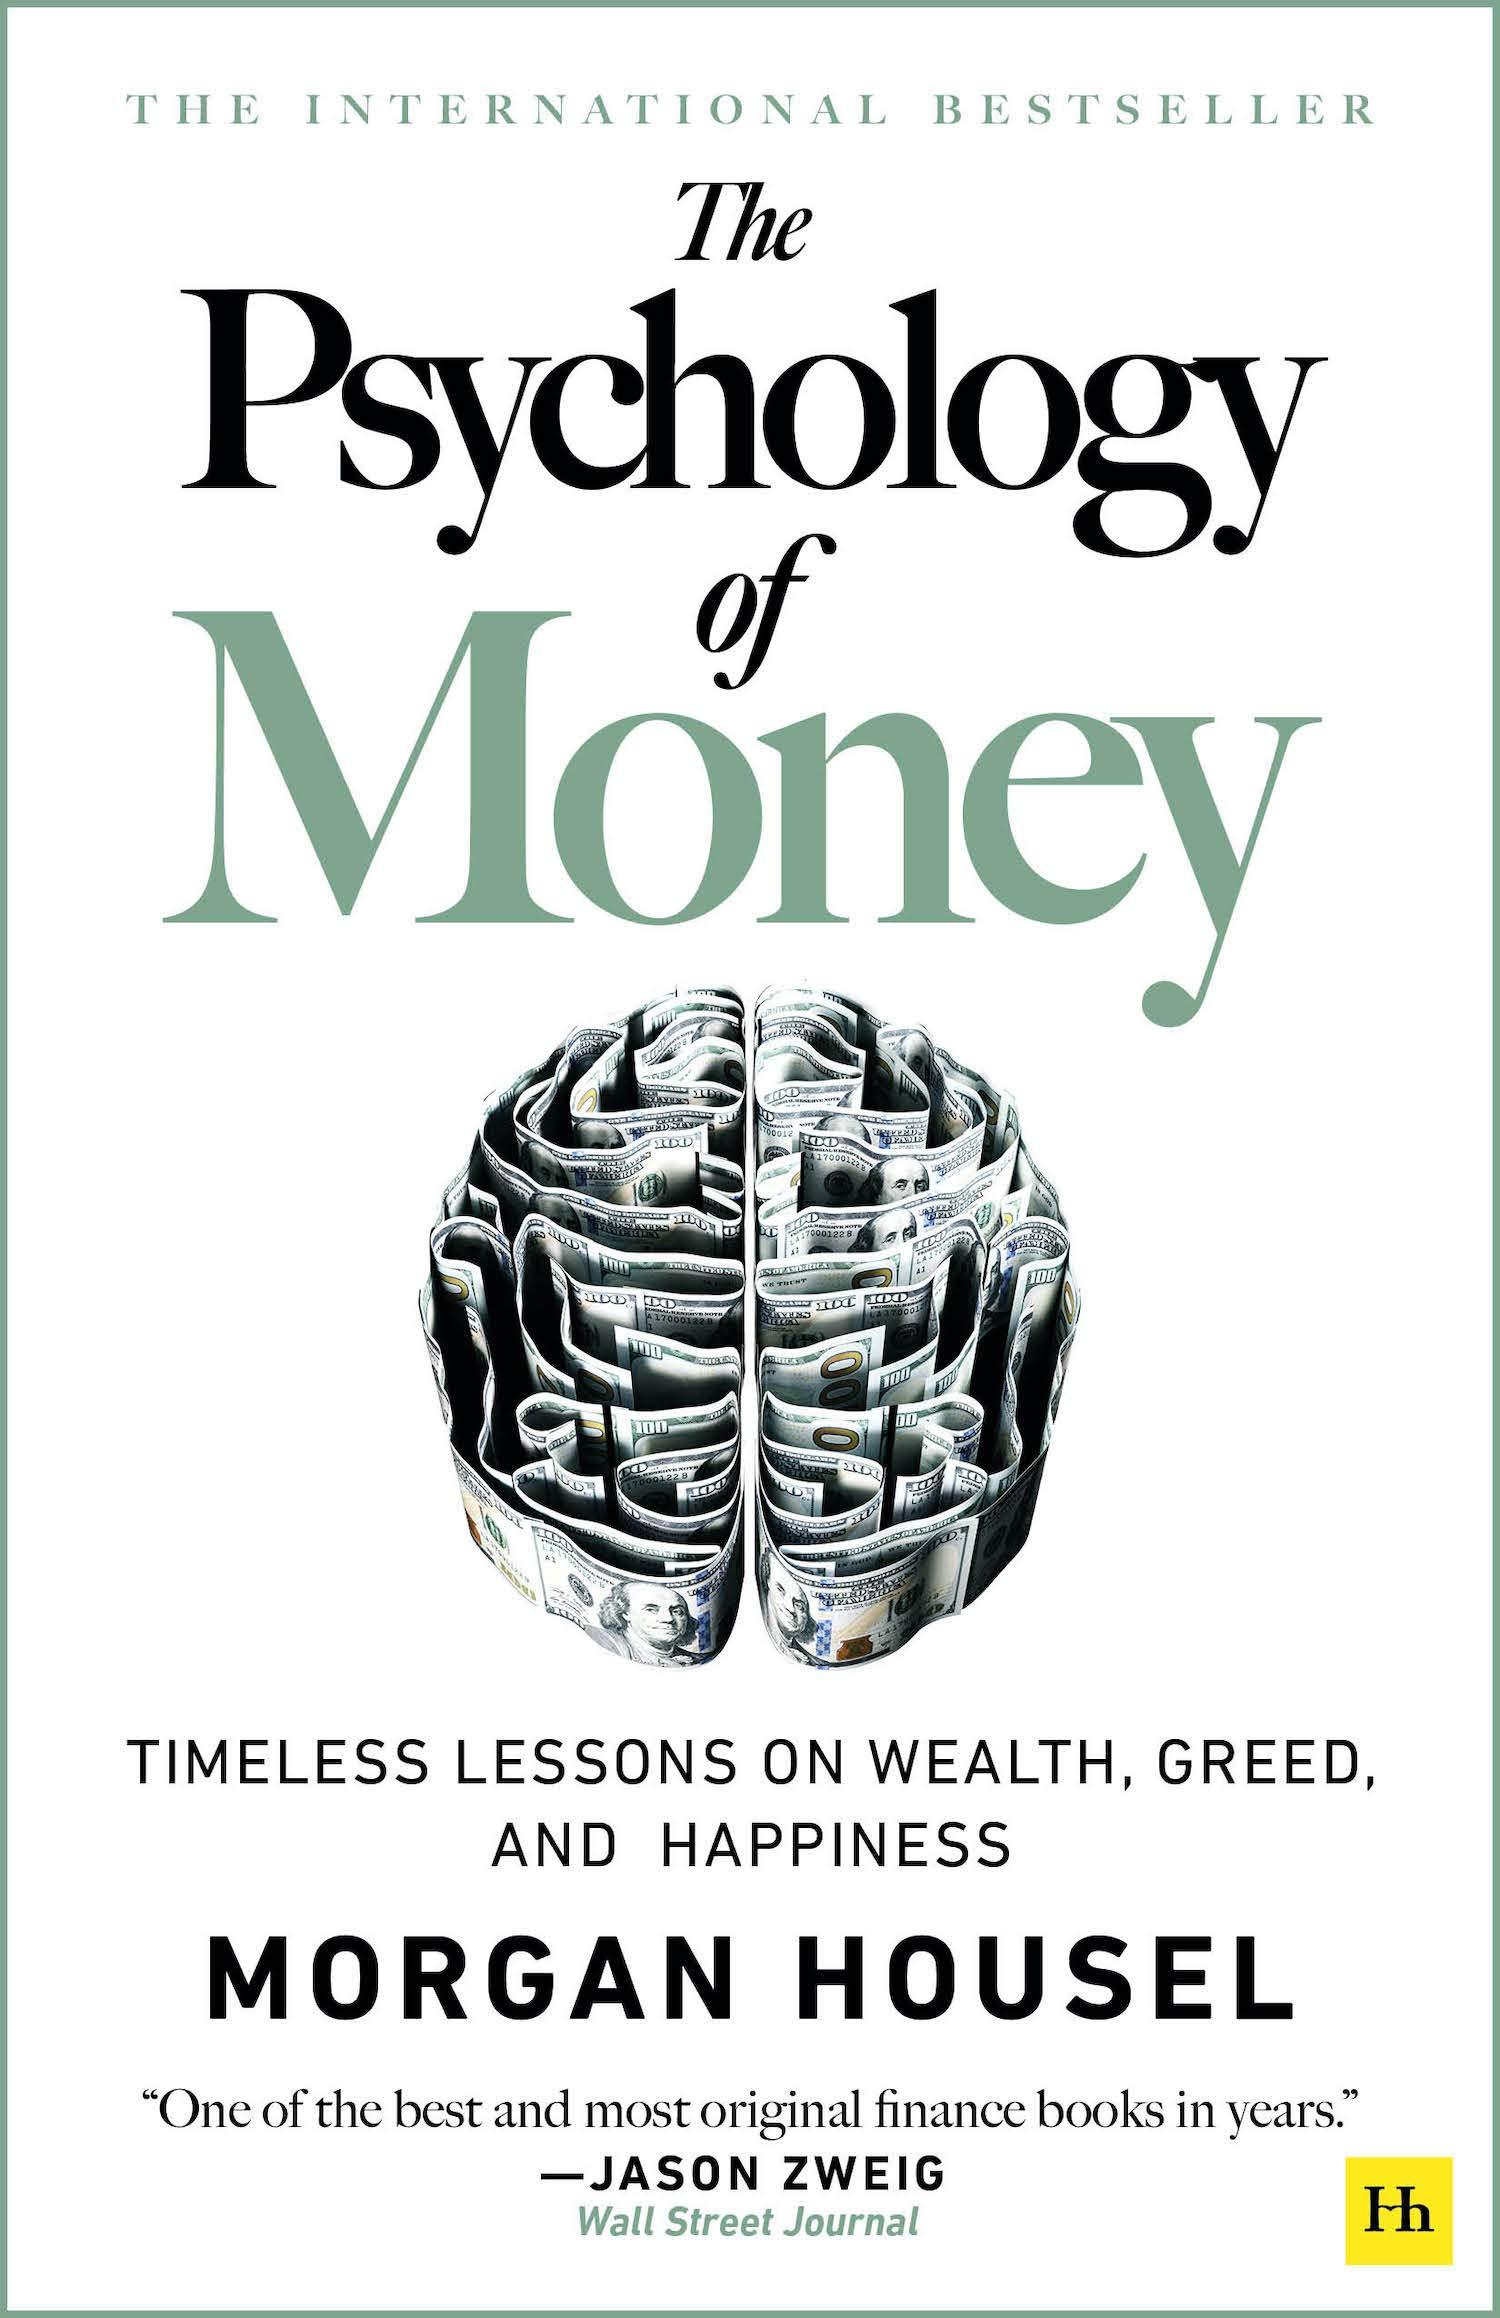 पैसाको बारे फरक दृष्टिकोण दिने पुस्तक 'साइकोलोजी अफ मनि' को सारंश भाग ३